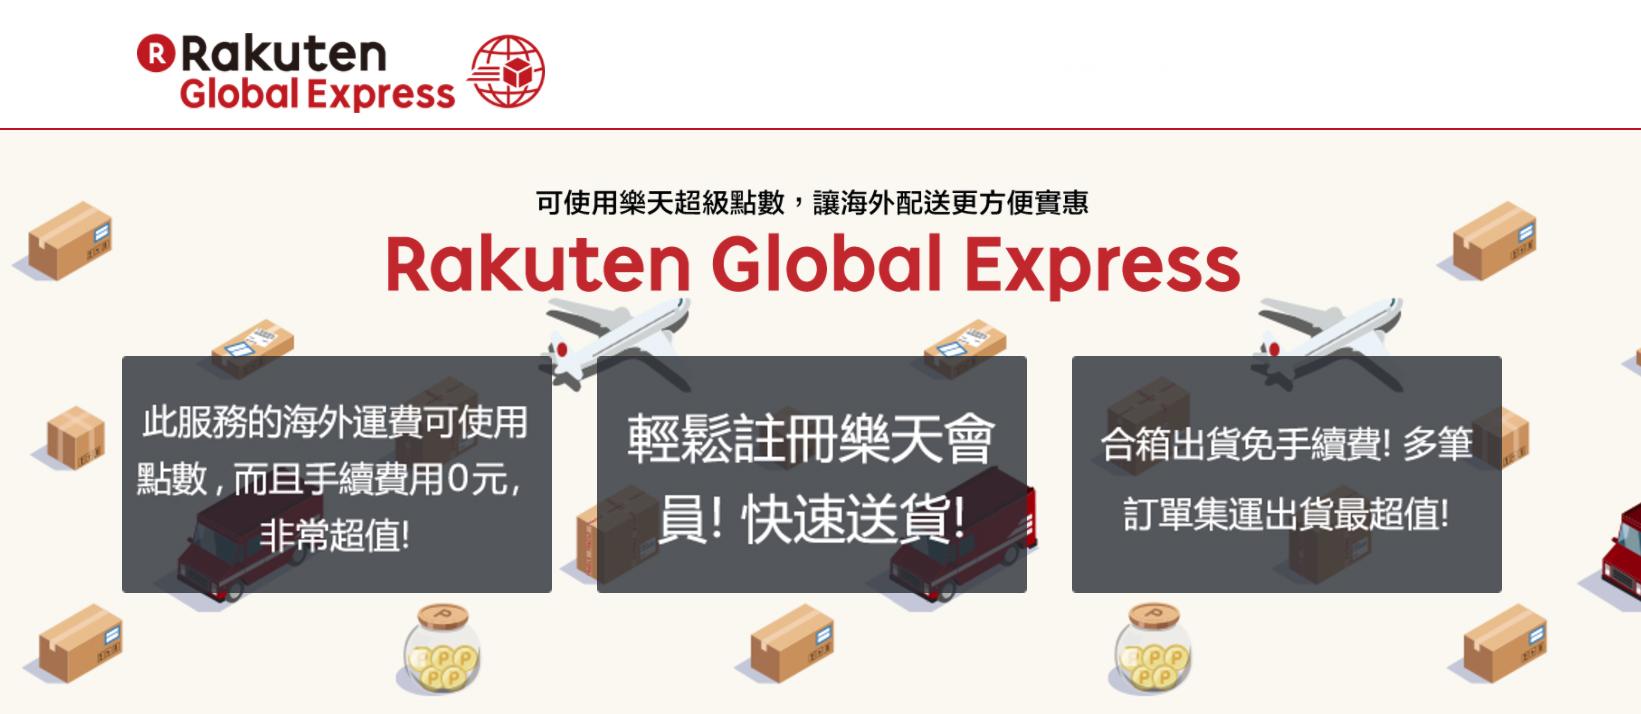 日本樂天市場官方全球運送服務